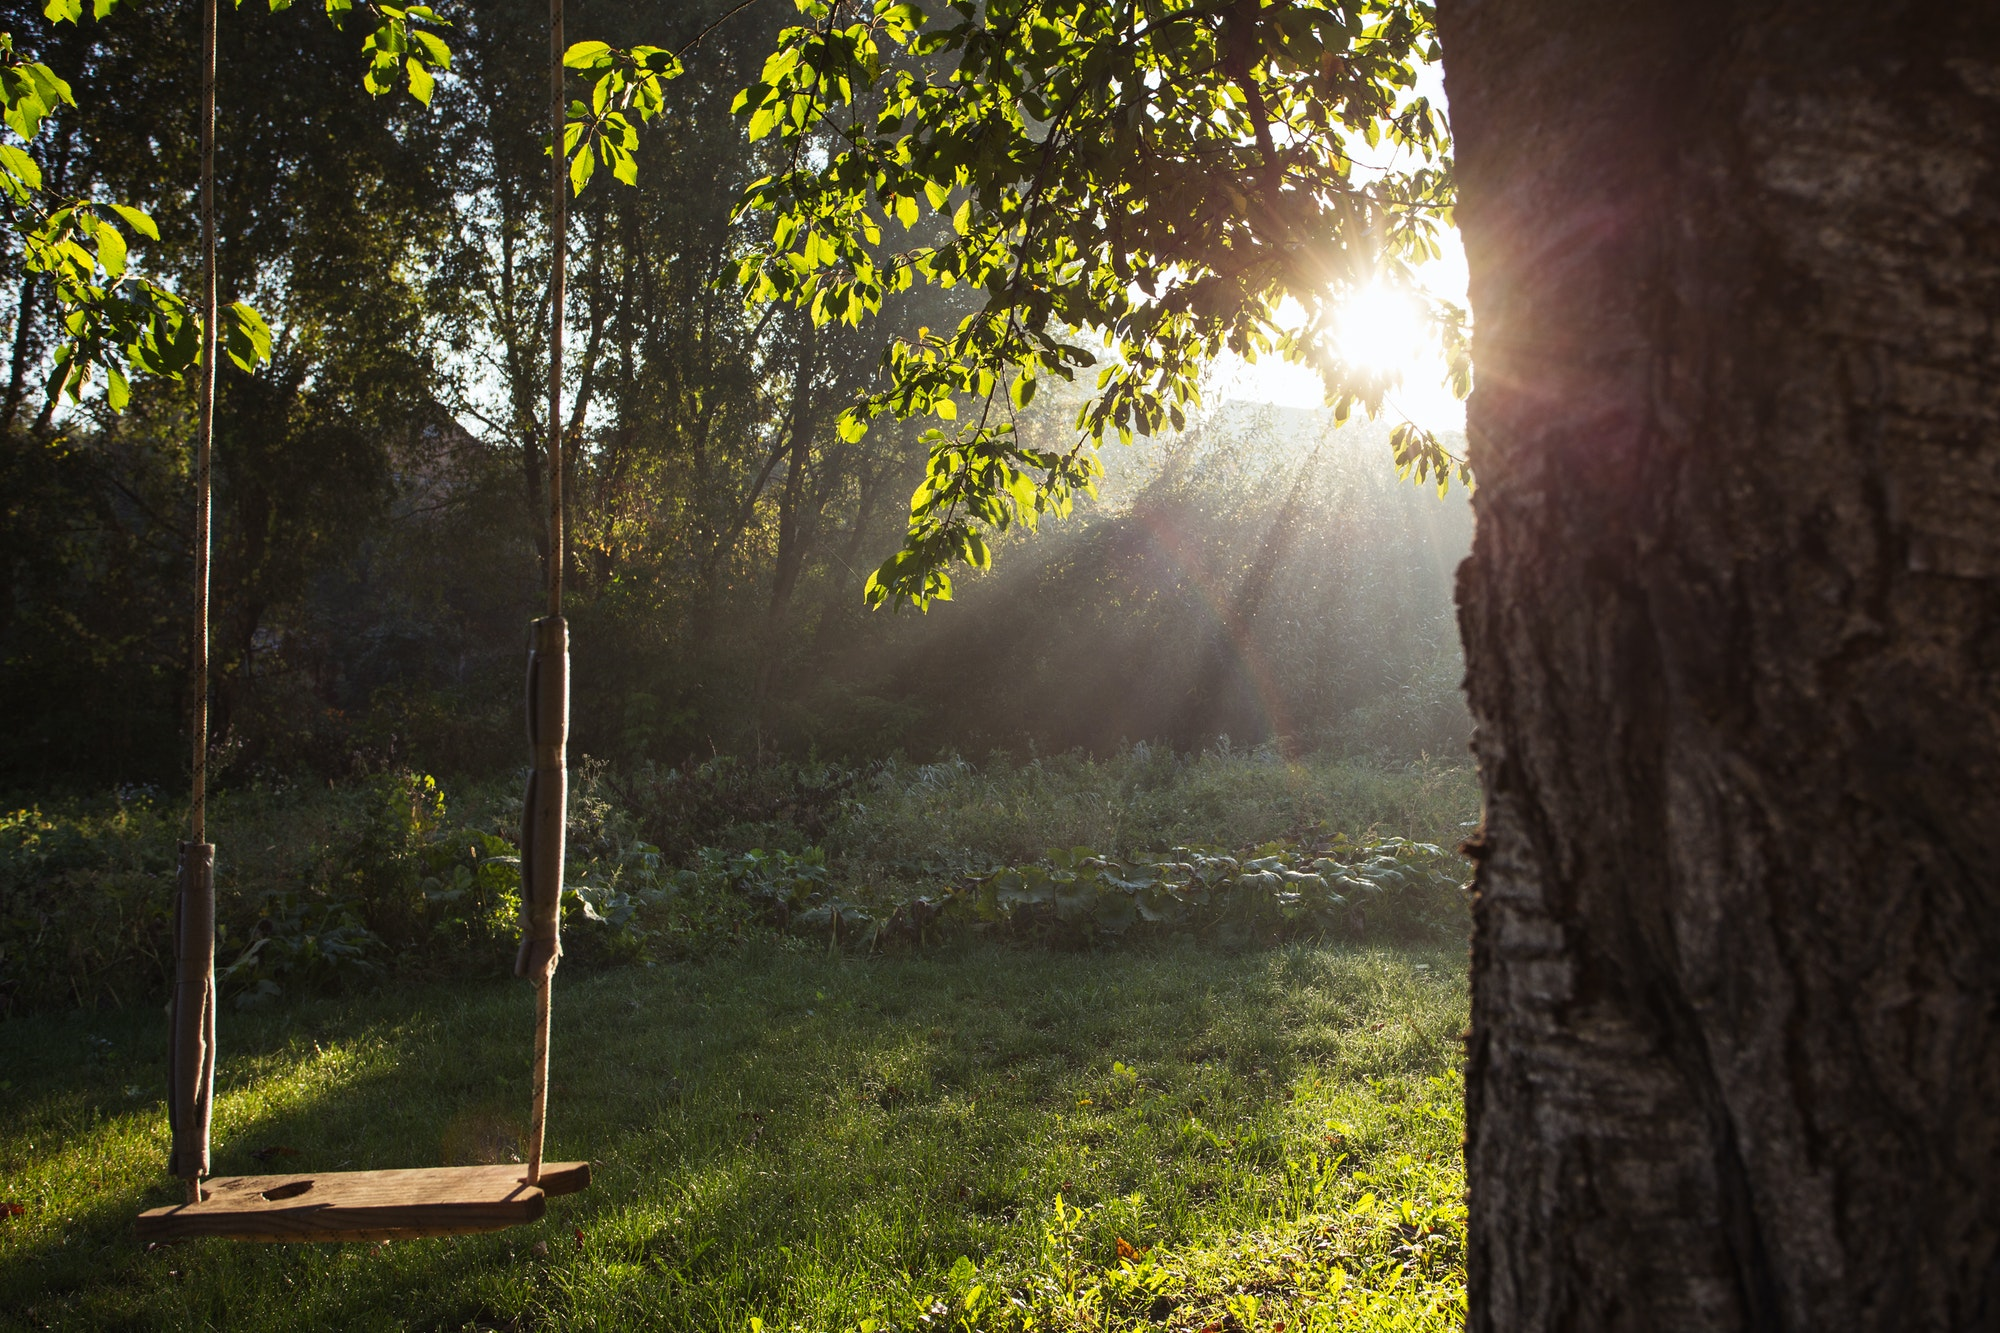 早起きは三文の徳。決まった時間に起きよう、とあらためて思った日。